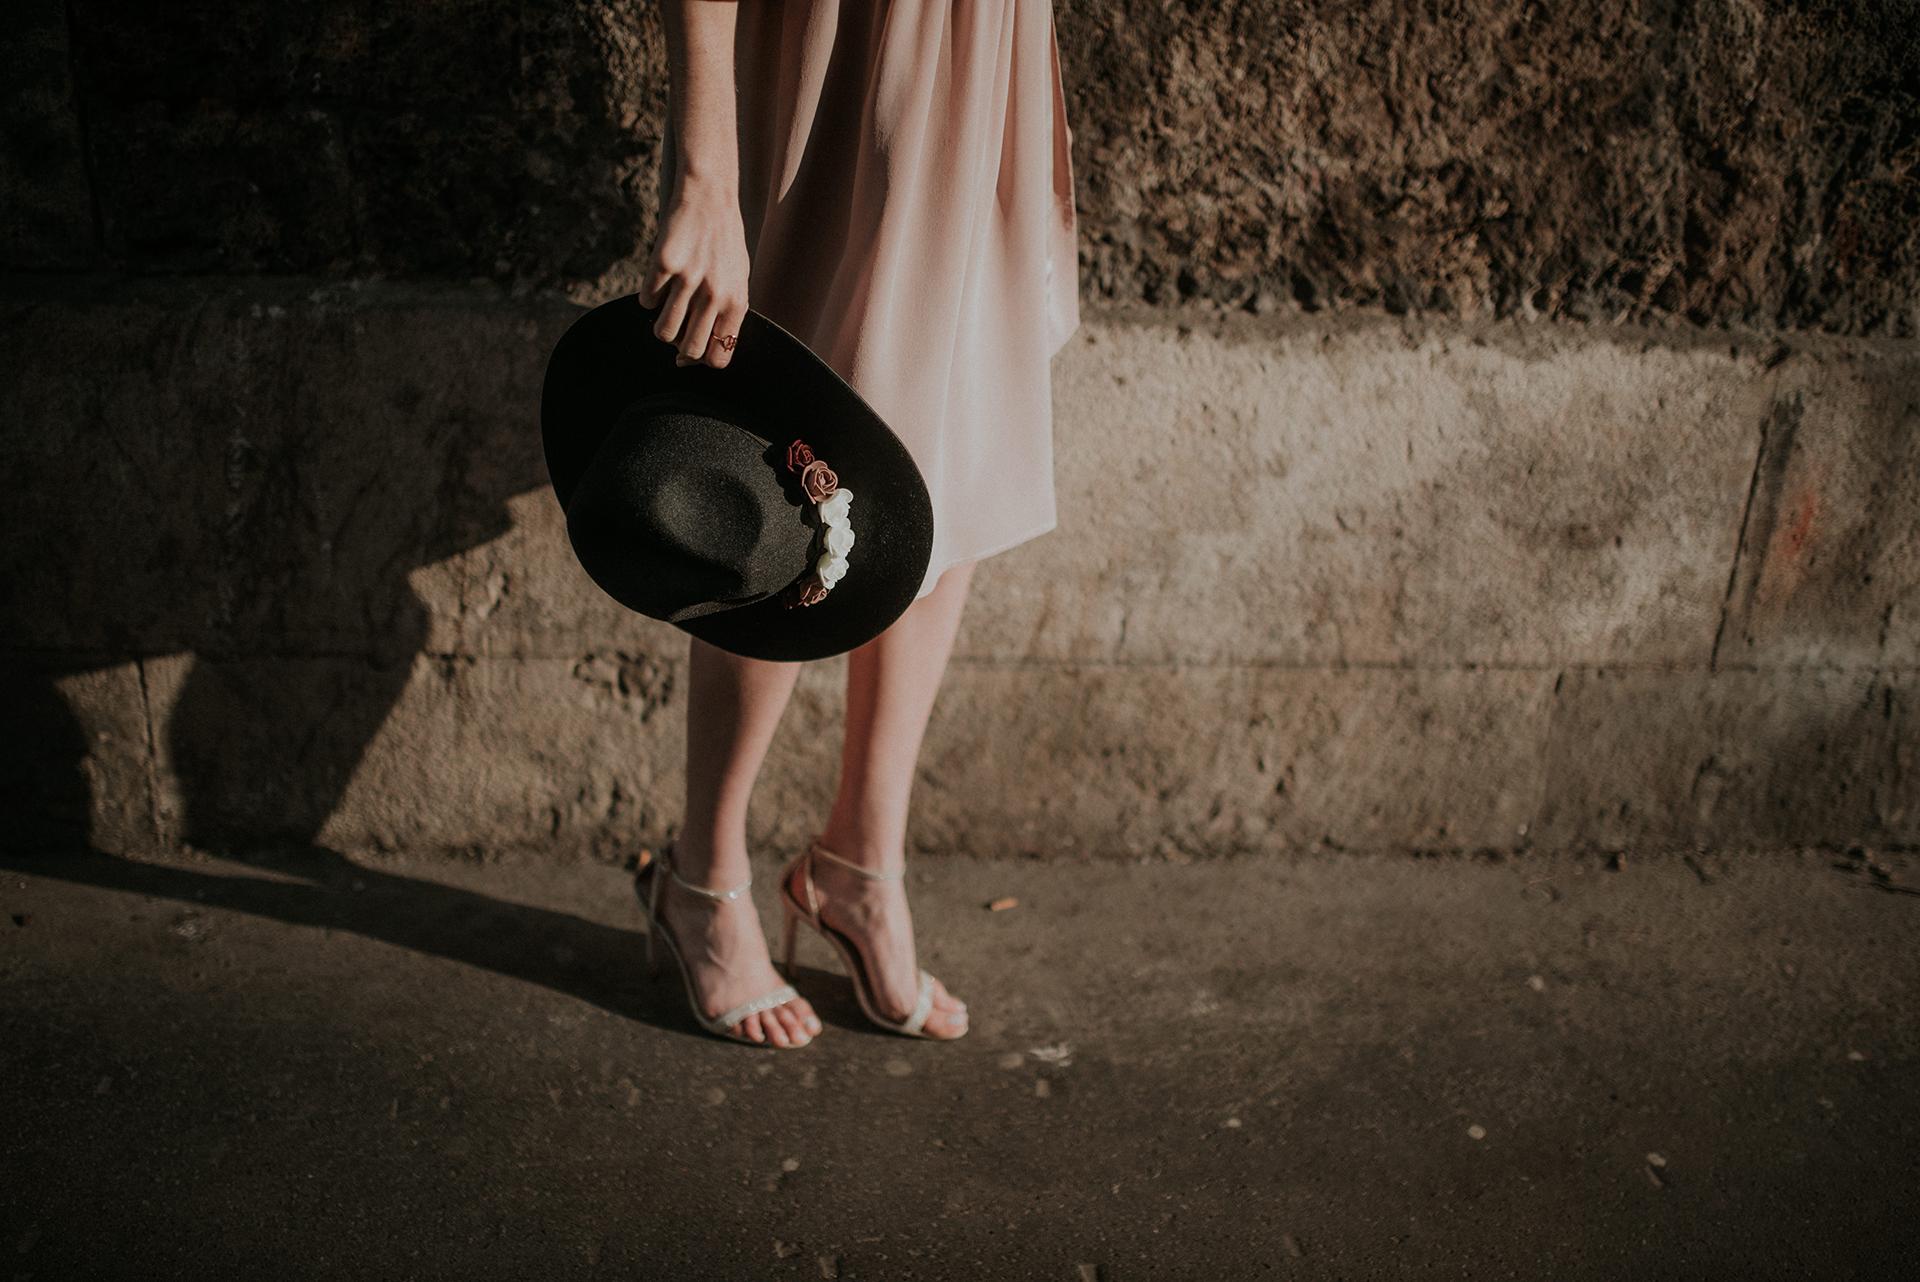 ©les_histoires_d_a_laetitia_pavoine_melodie_boitard_dans_les_baskets_de_la_mariee